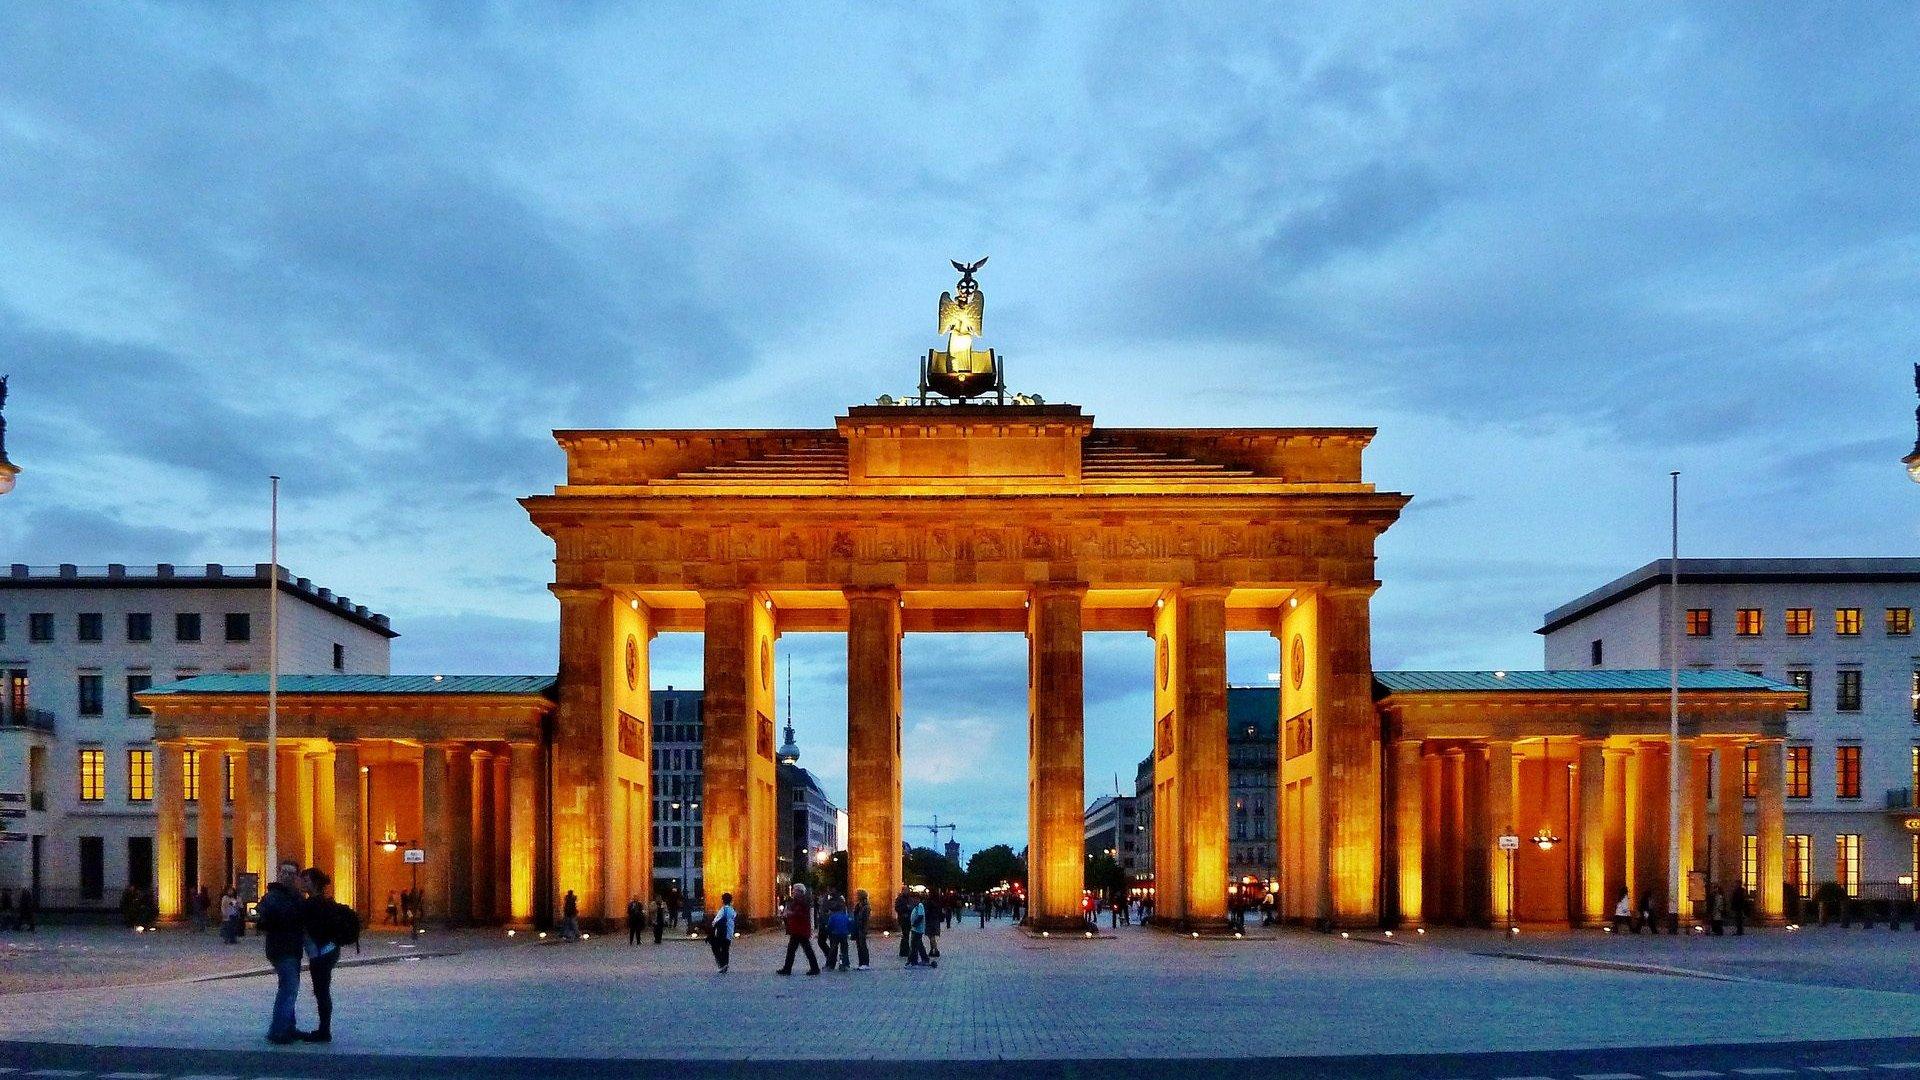 Brandenburg Gate Wallpaper 10   1920 X 1080 stmednet 1920x1080